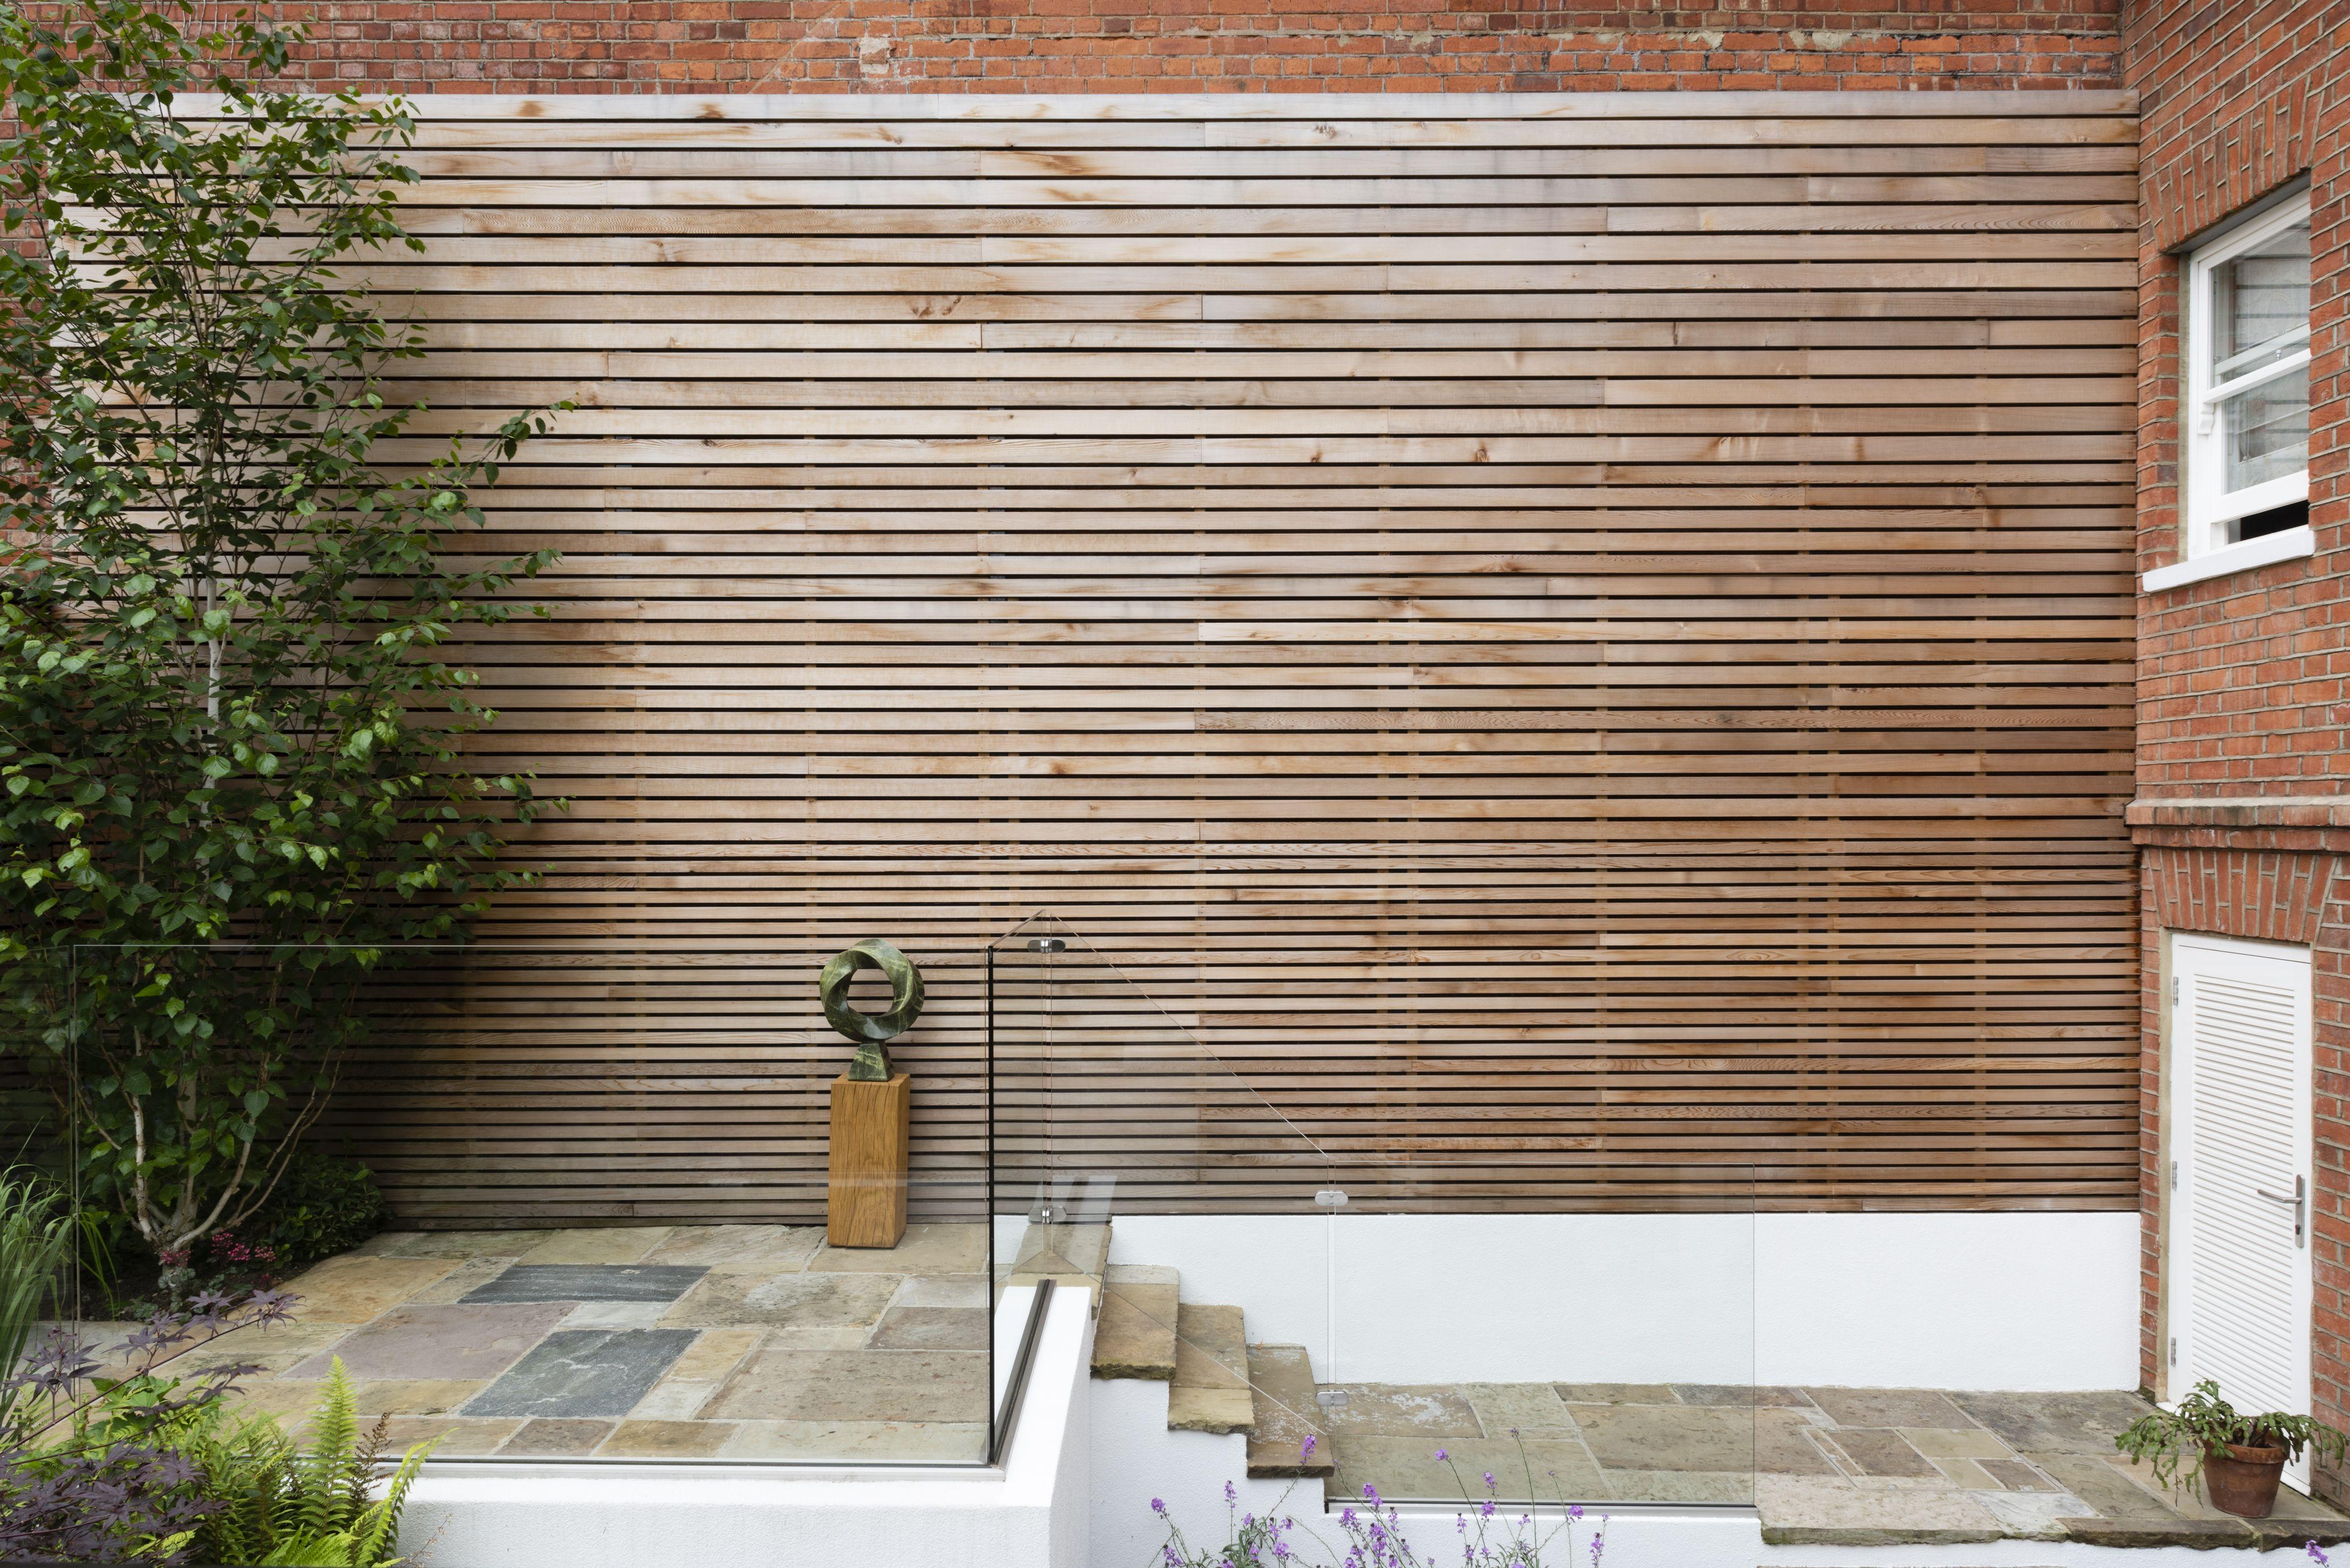 Cedar Hardwood Cladding Of An Exterior Brick Wall Garden Designed By Karen Rogers Krgardendesign Garden Design Small Garden Design Exterior Brick